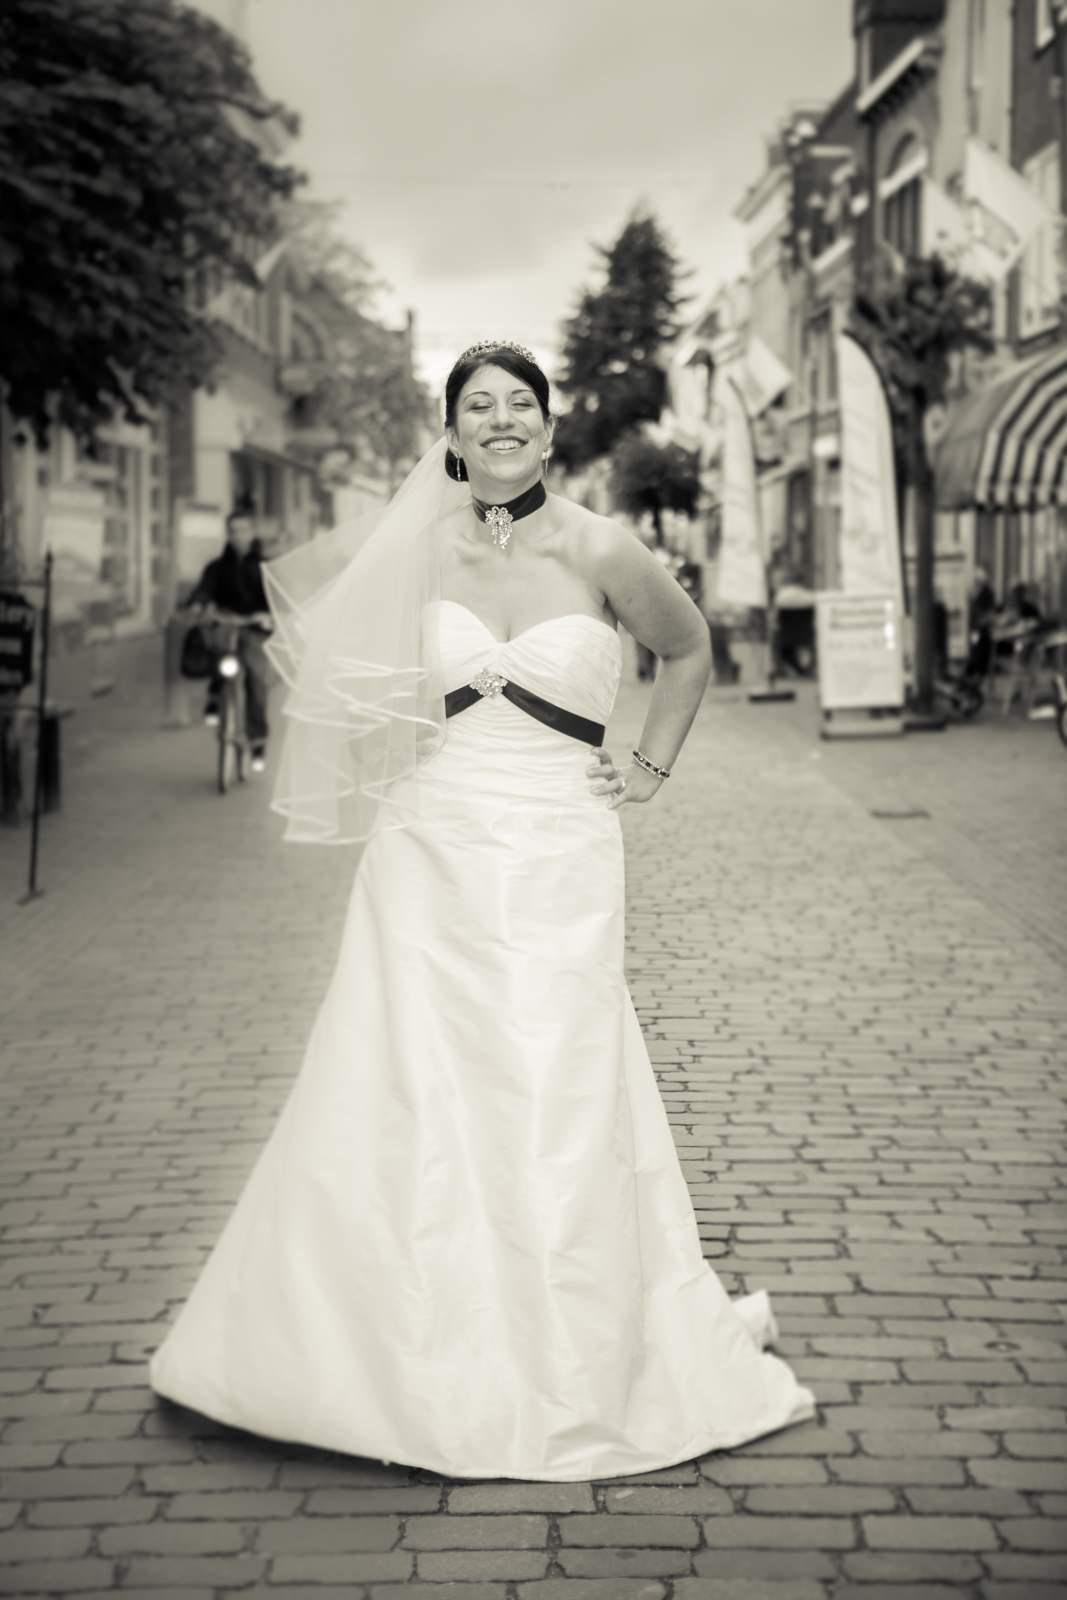 Fotógrafo en DF Mexico especializado en fotografía de Boda, retratos, XV años, familia, moda, belleza, editorial, catalogo, lookbooks, retrato, publicitaria y comercial